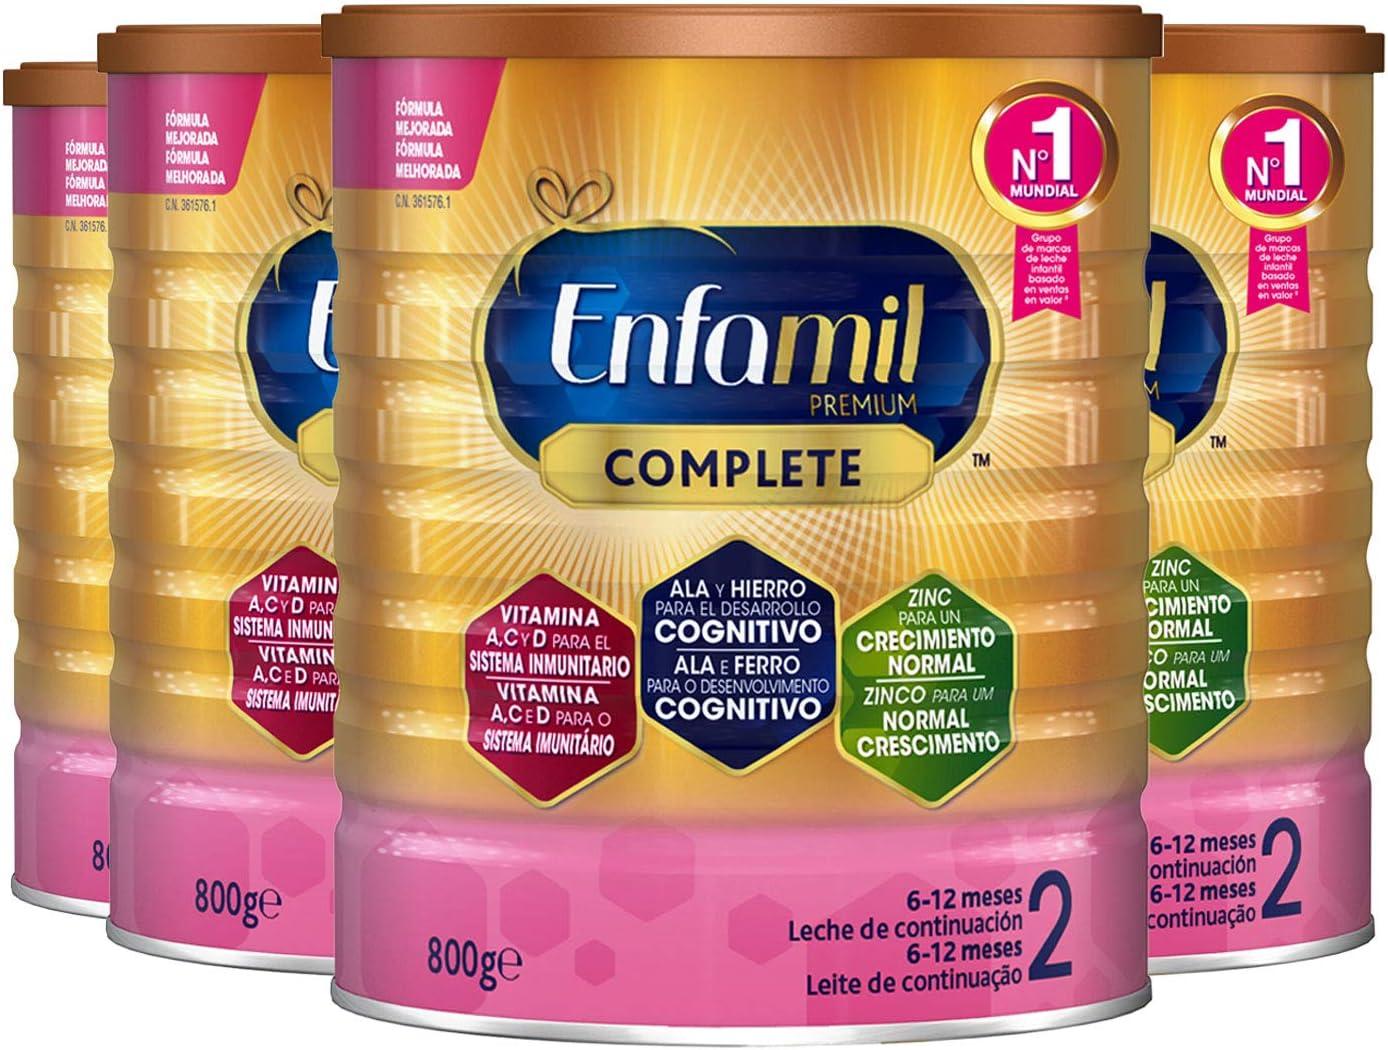 Enfamil Premium 2 - Leche infantil de Continuacion para Lactantes bebés de 6 a 12 Meses, 800 g | Pack de 4 Unidades - Consumo de 1 mes